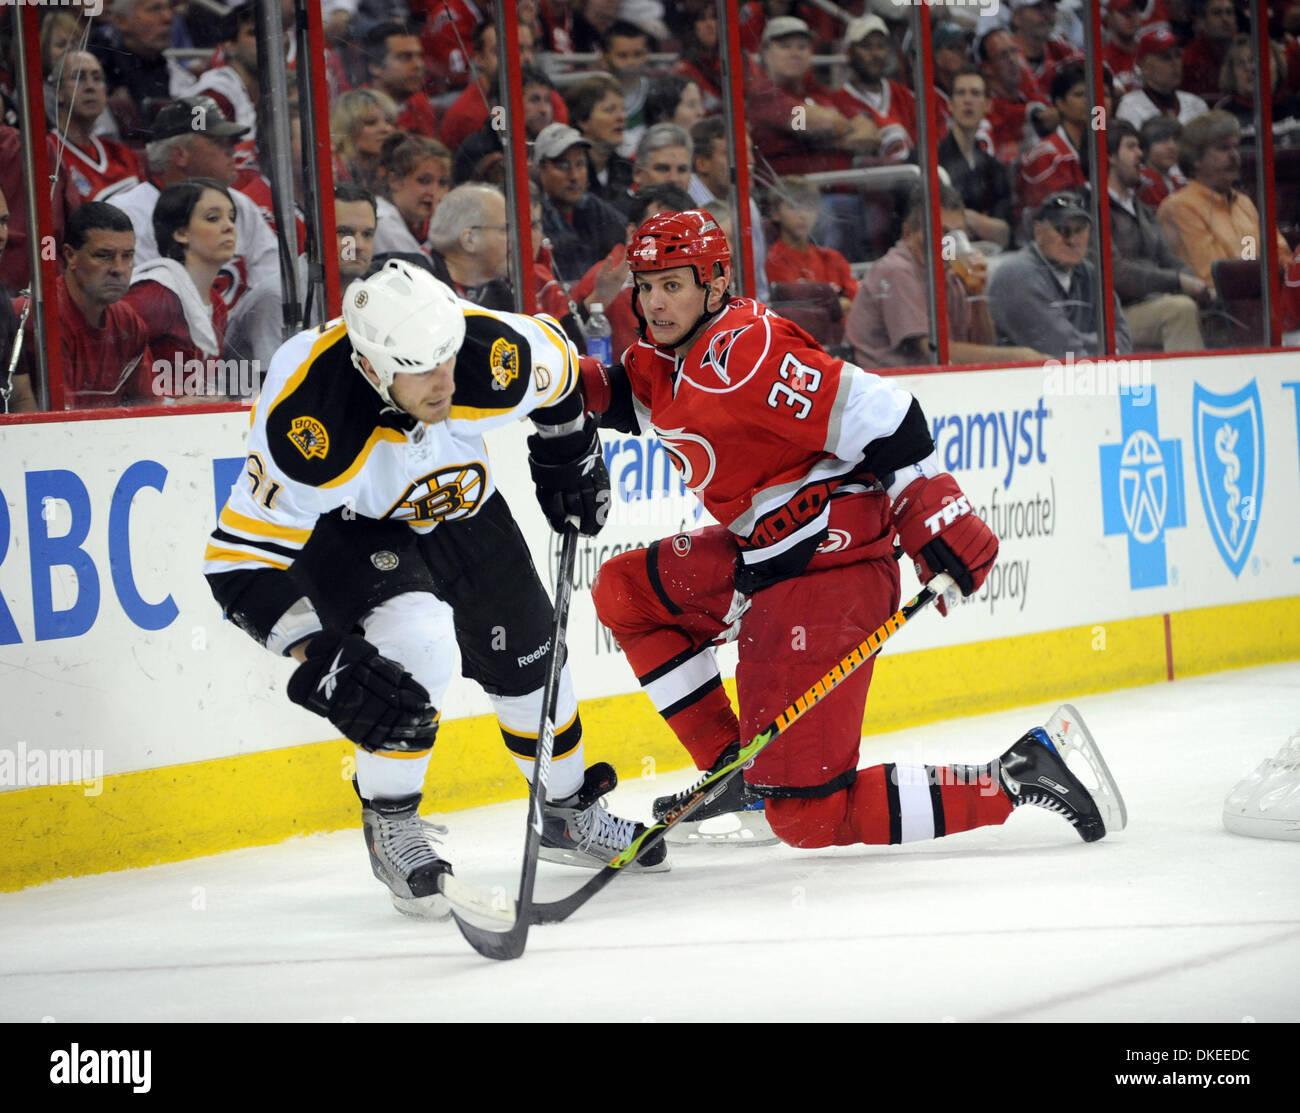 May 12 2009 Raleigh North Carolina Usa National Hockey League